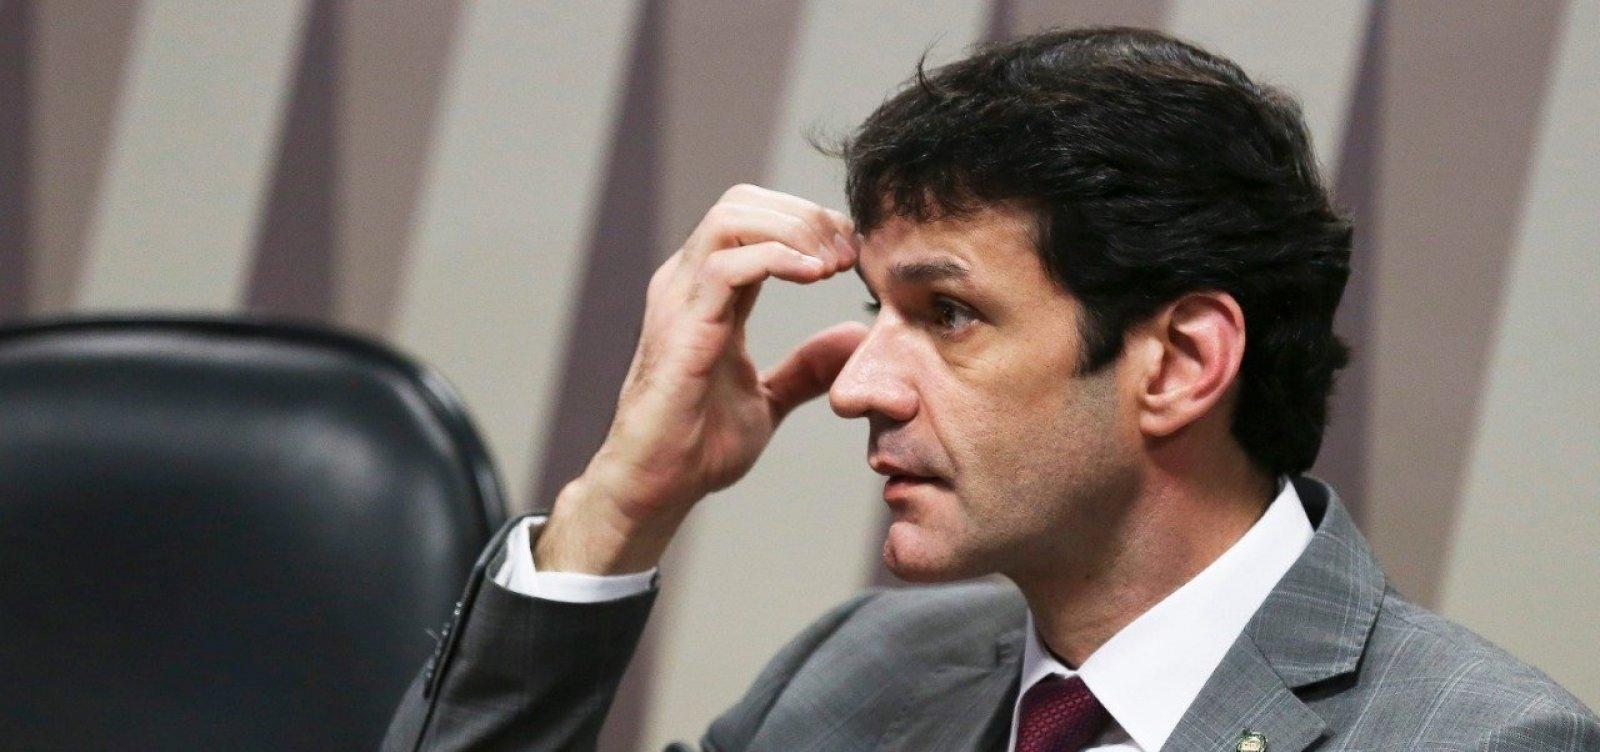 Ministro do Turismo vai à Câmara para falar sobre candidaturas laranjas do PSL